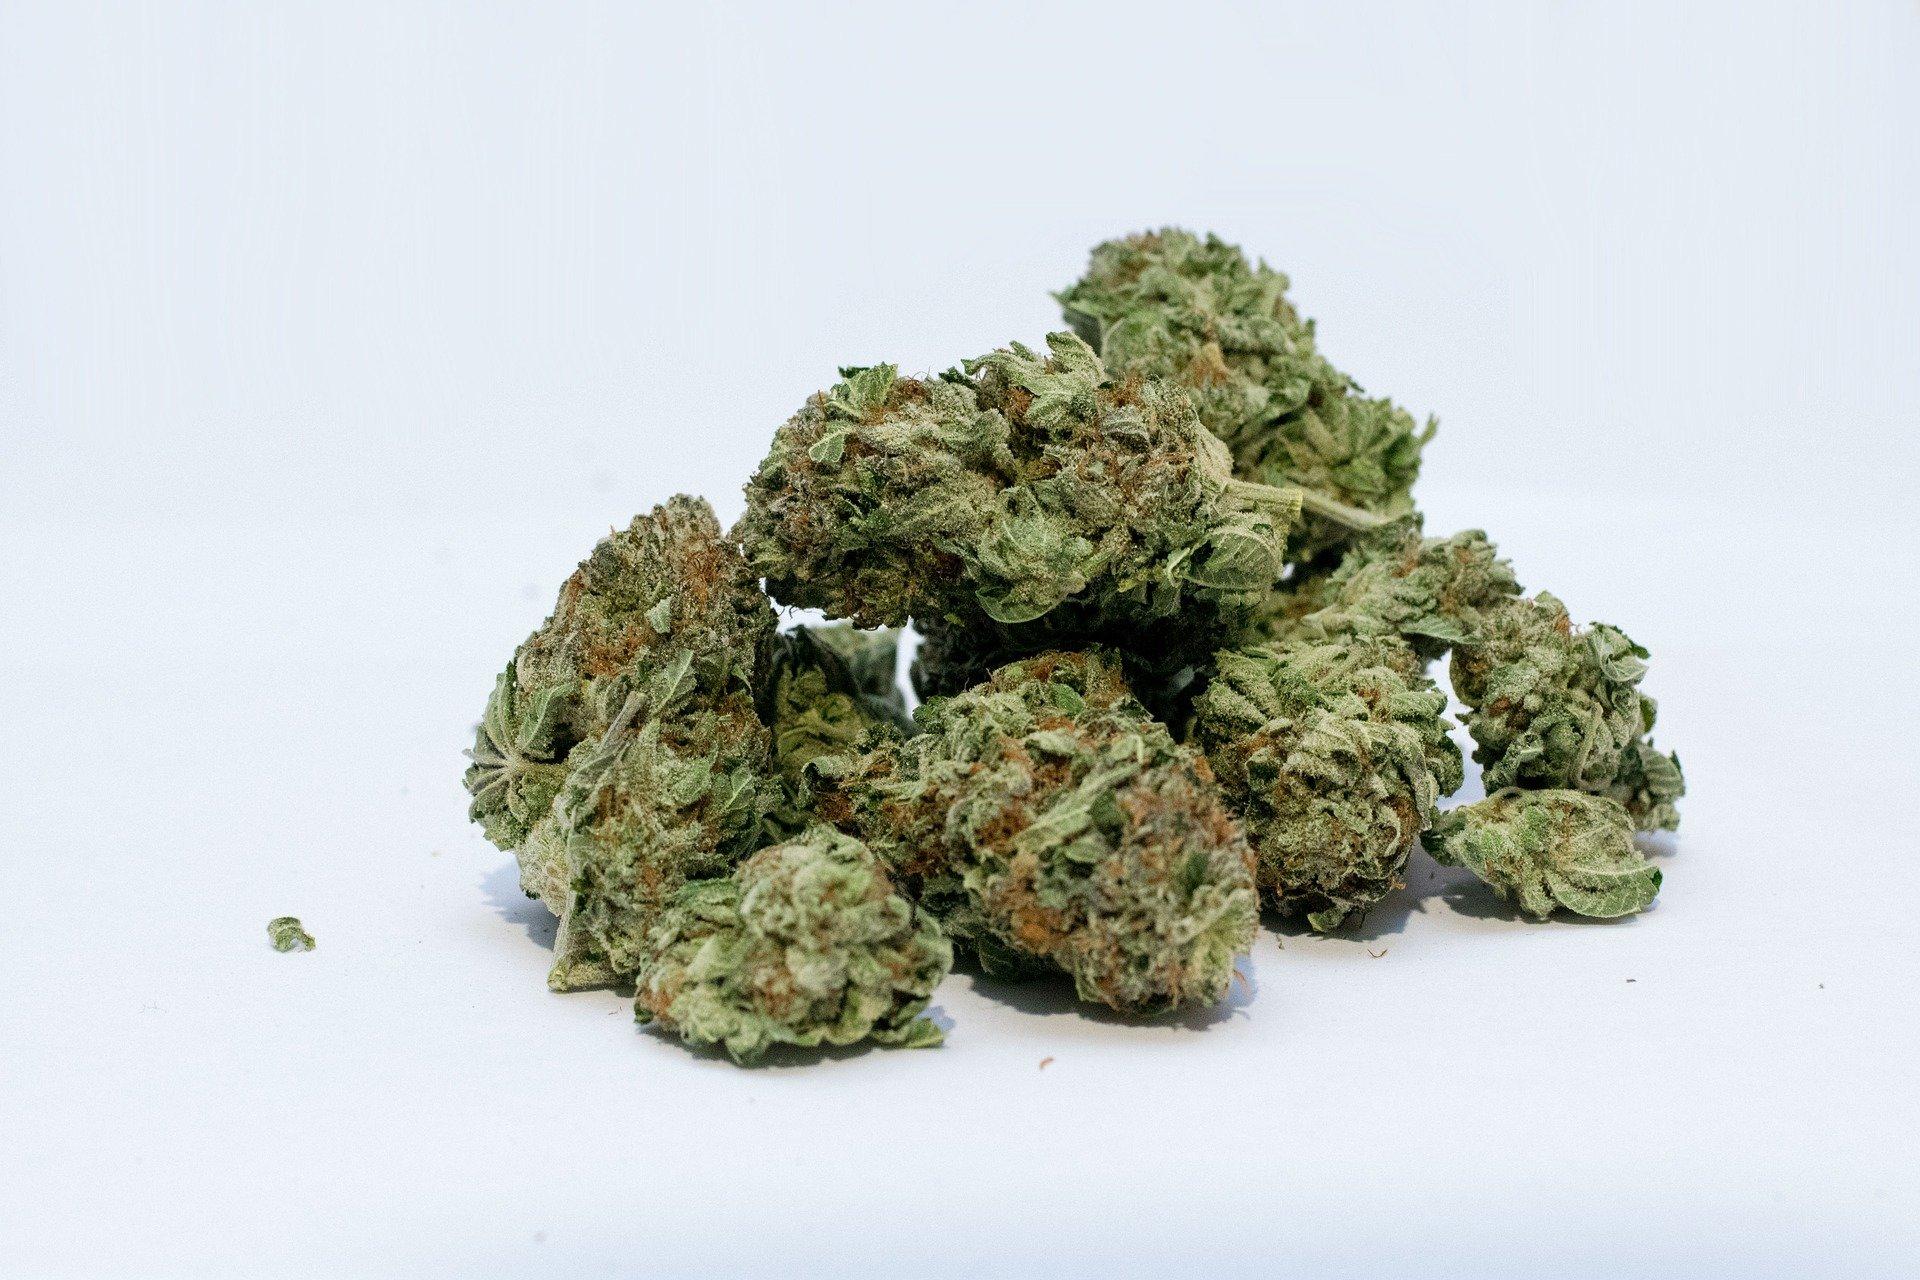 Erwachsene mit Schmerzen, ein höheres Risiko für Cannabiskonsum Störung, findet Studie